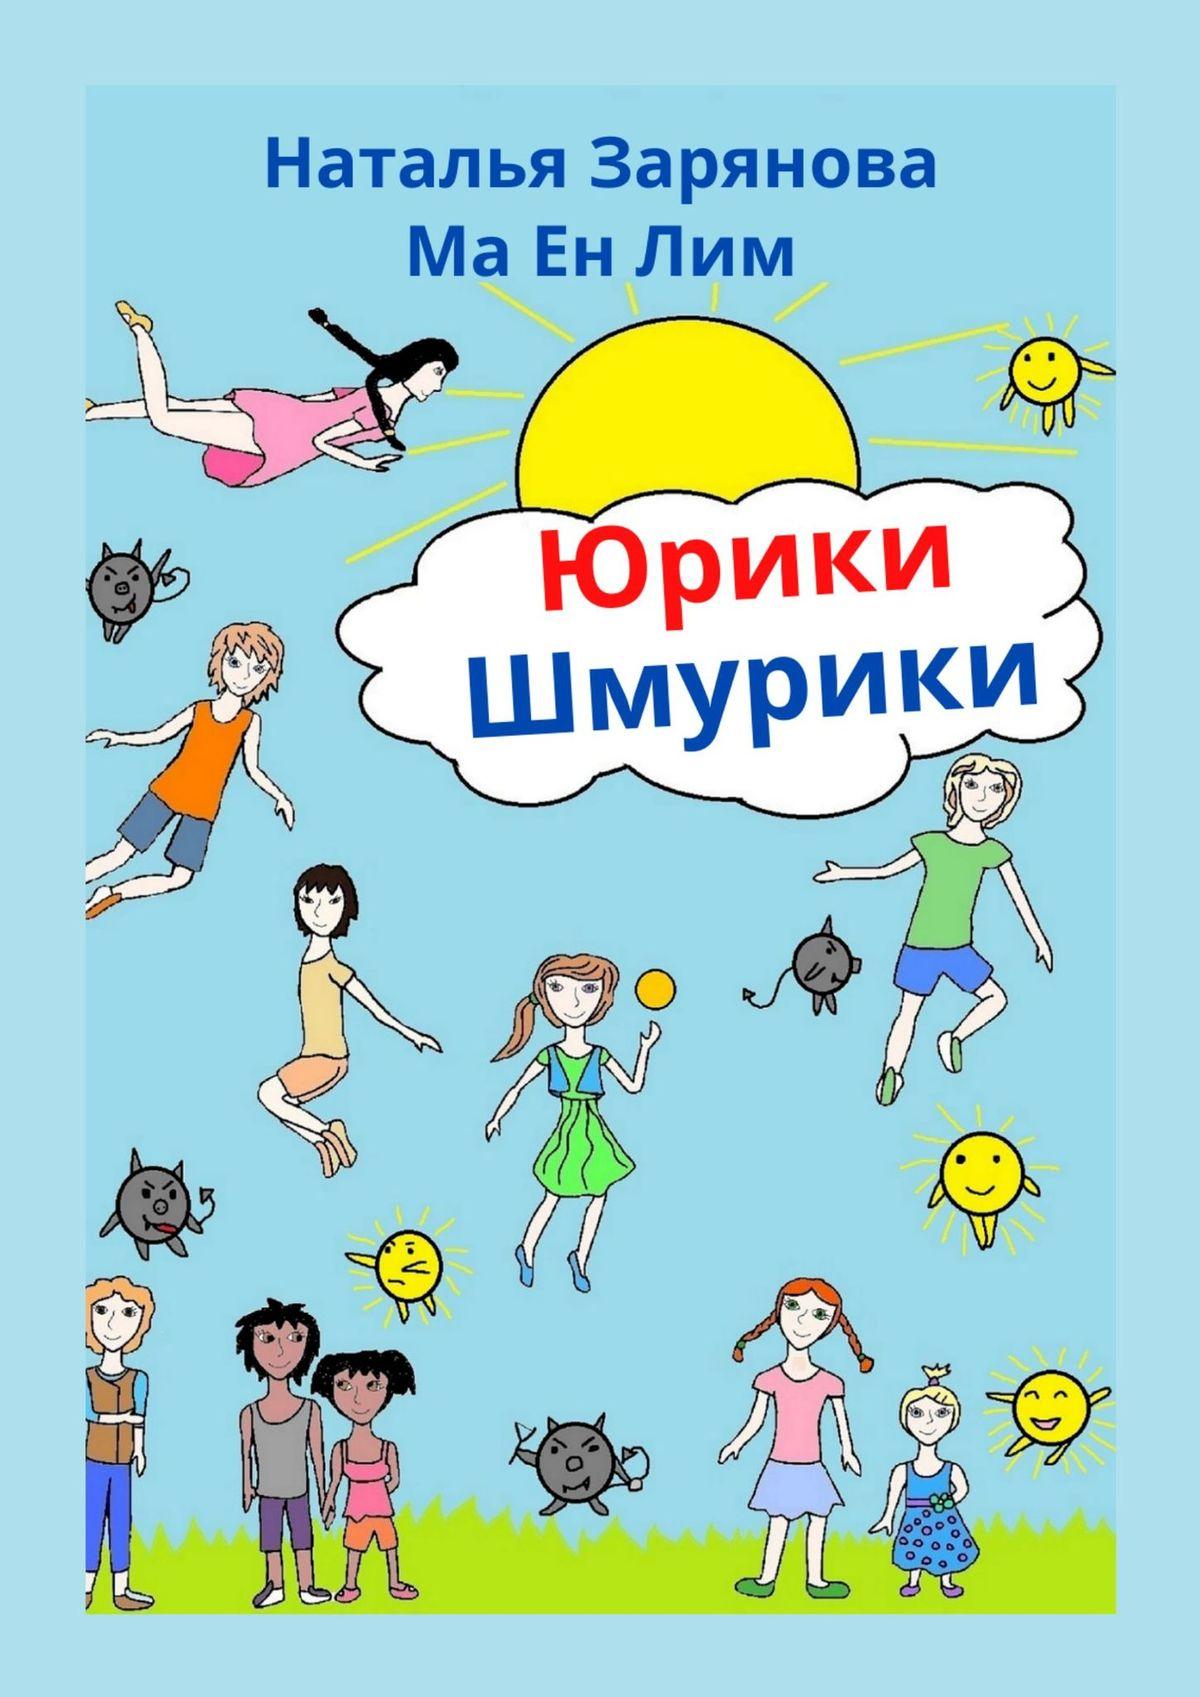 Наталья Зарянова Юрики-Шмурики королев в экономика и рынок для девчонок и мальчишек